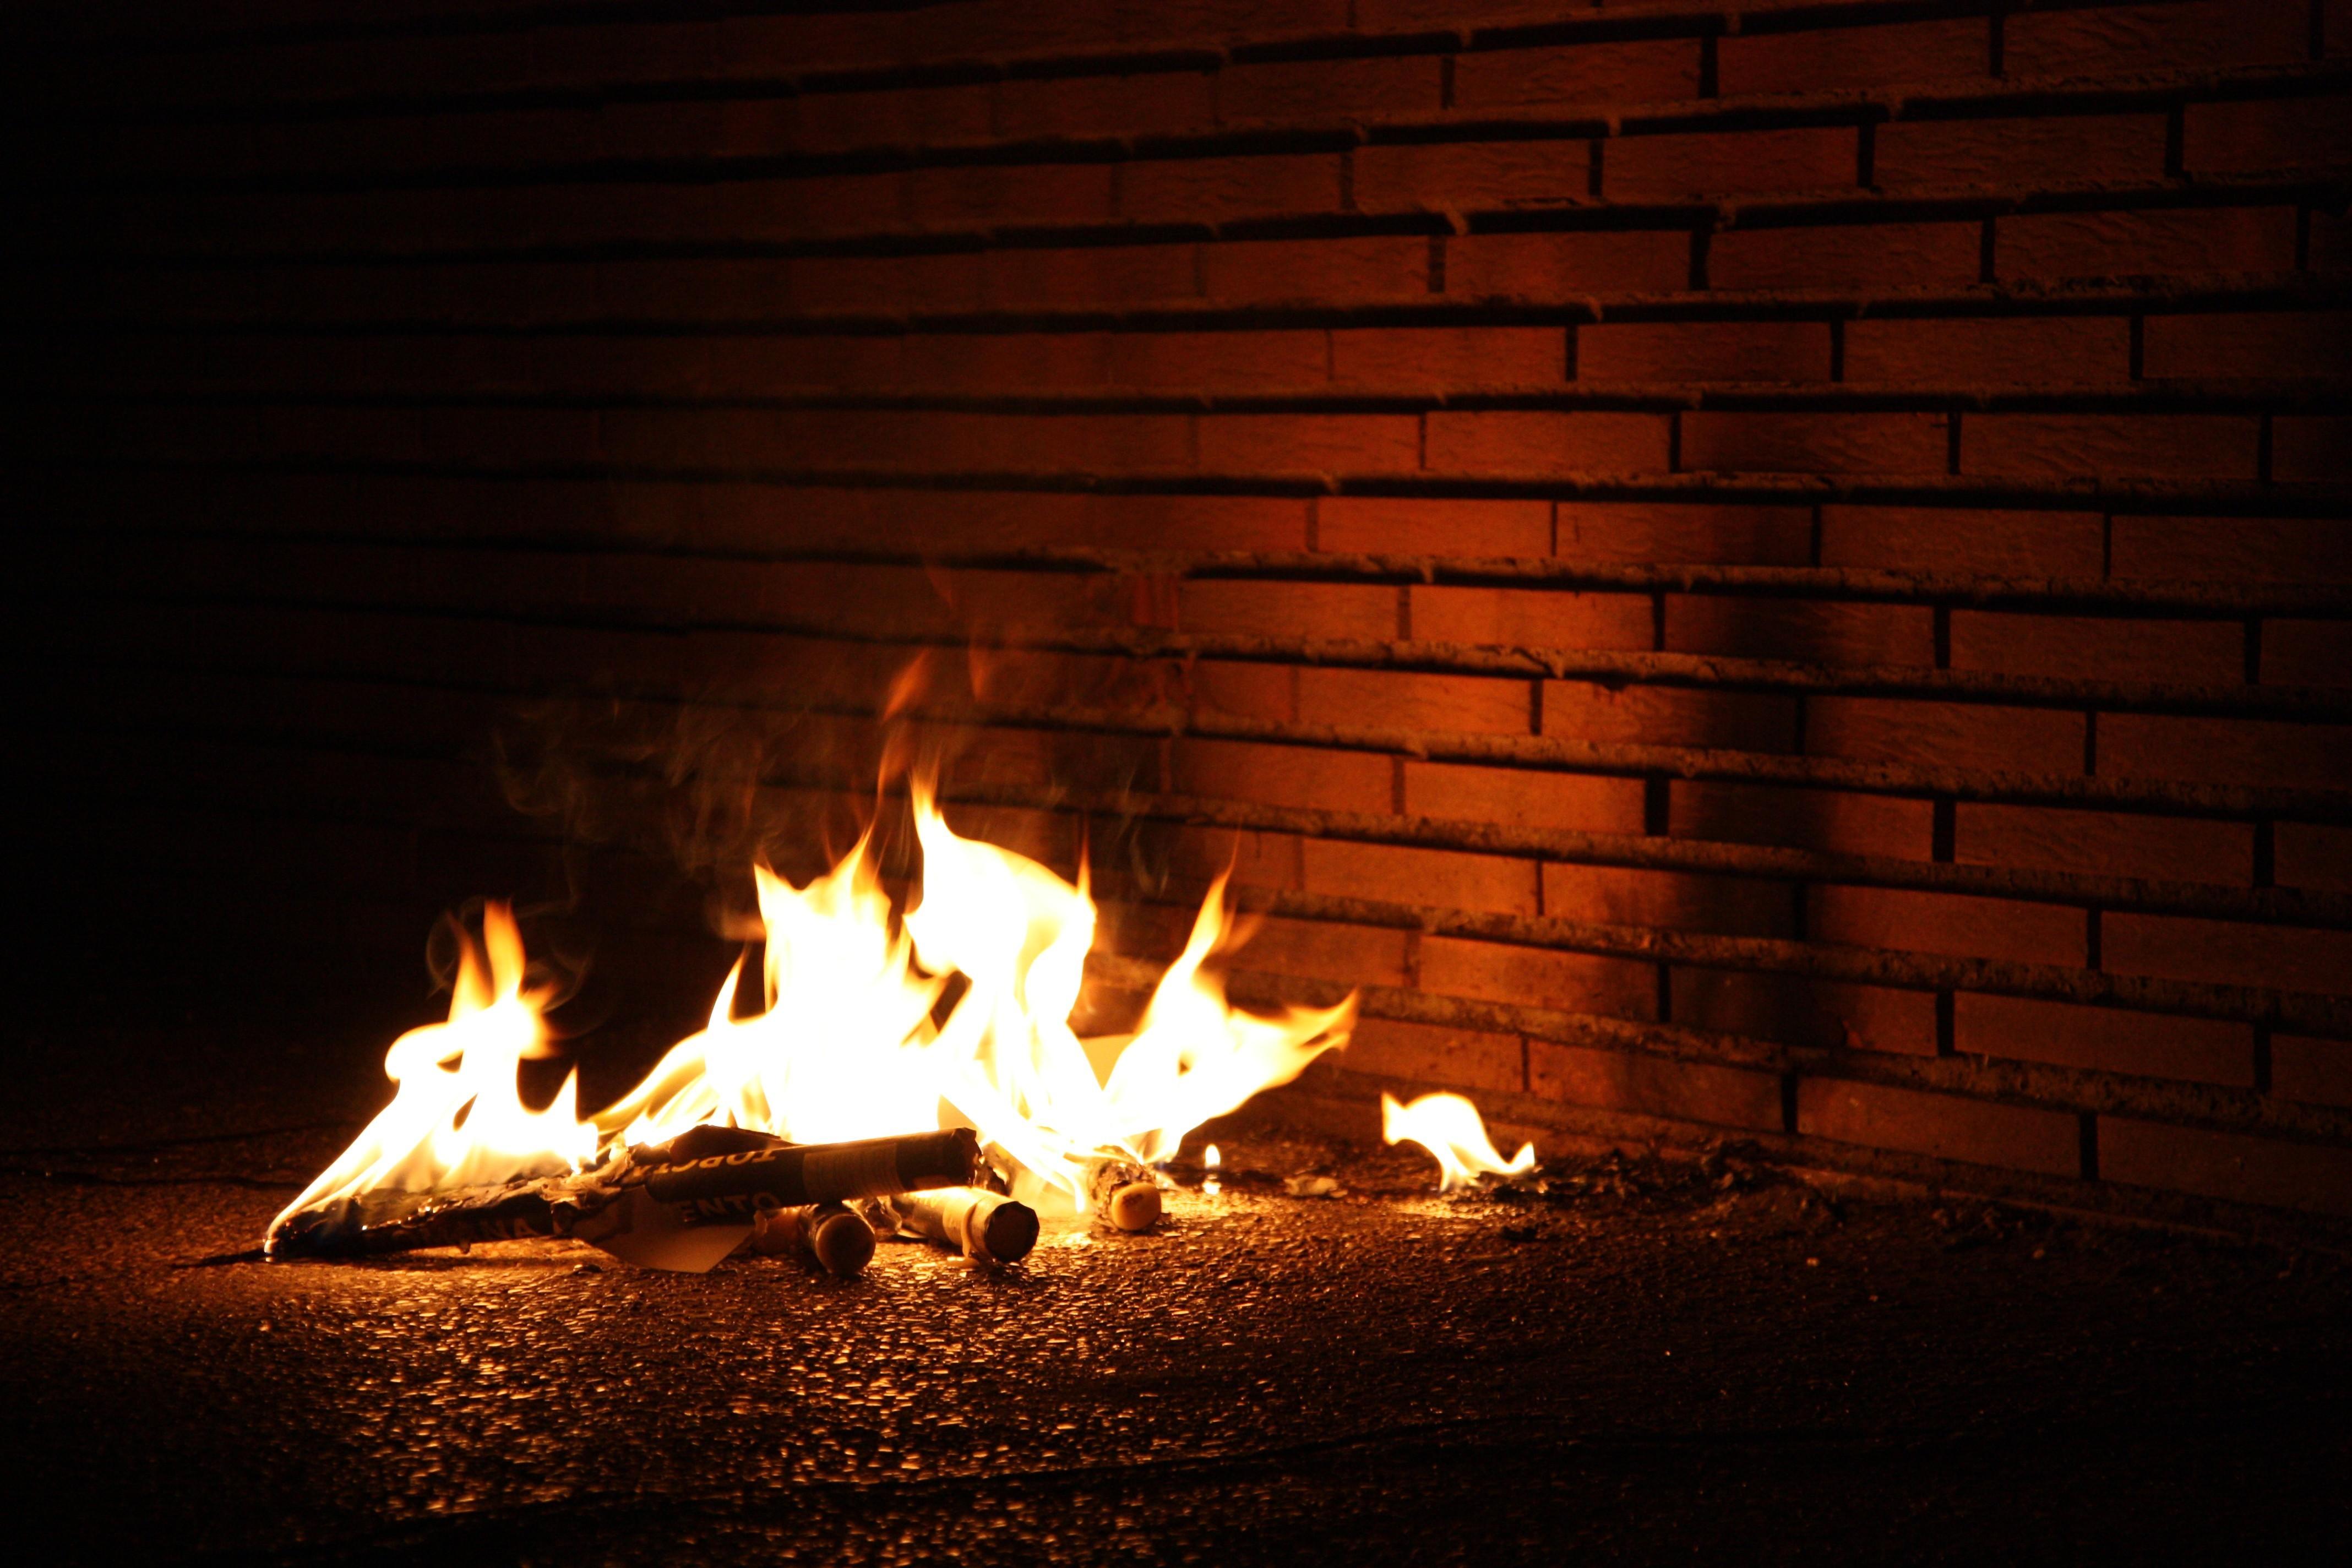 костер огонь пламя бесплатно